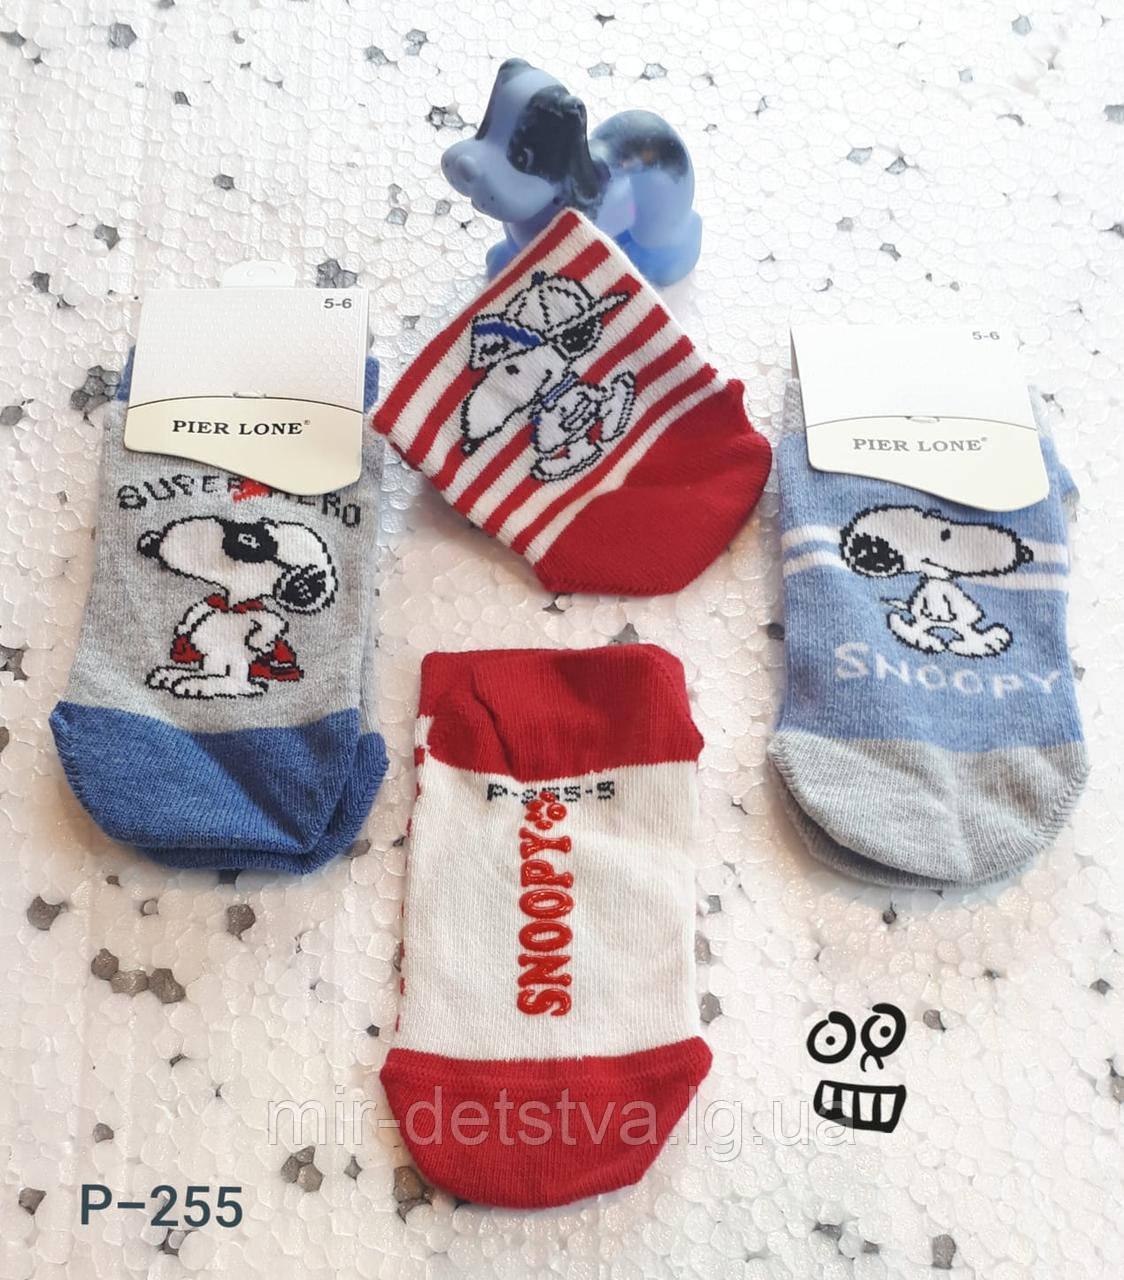 Носки для мальчиков с тормозами TM Pier Lone р.1-2 года.